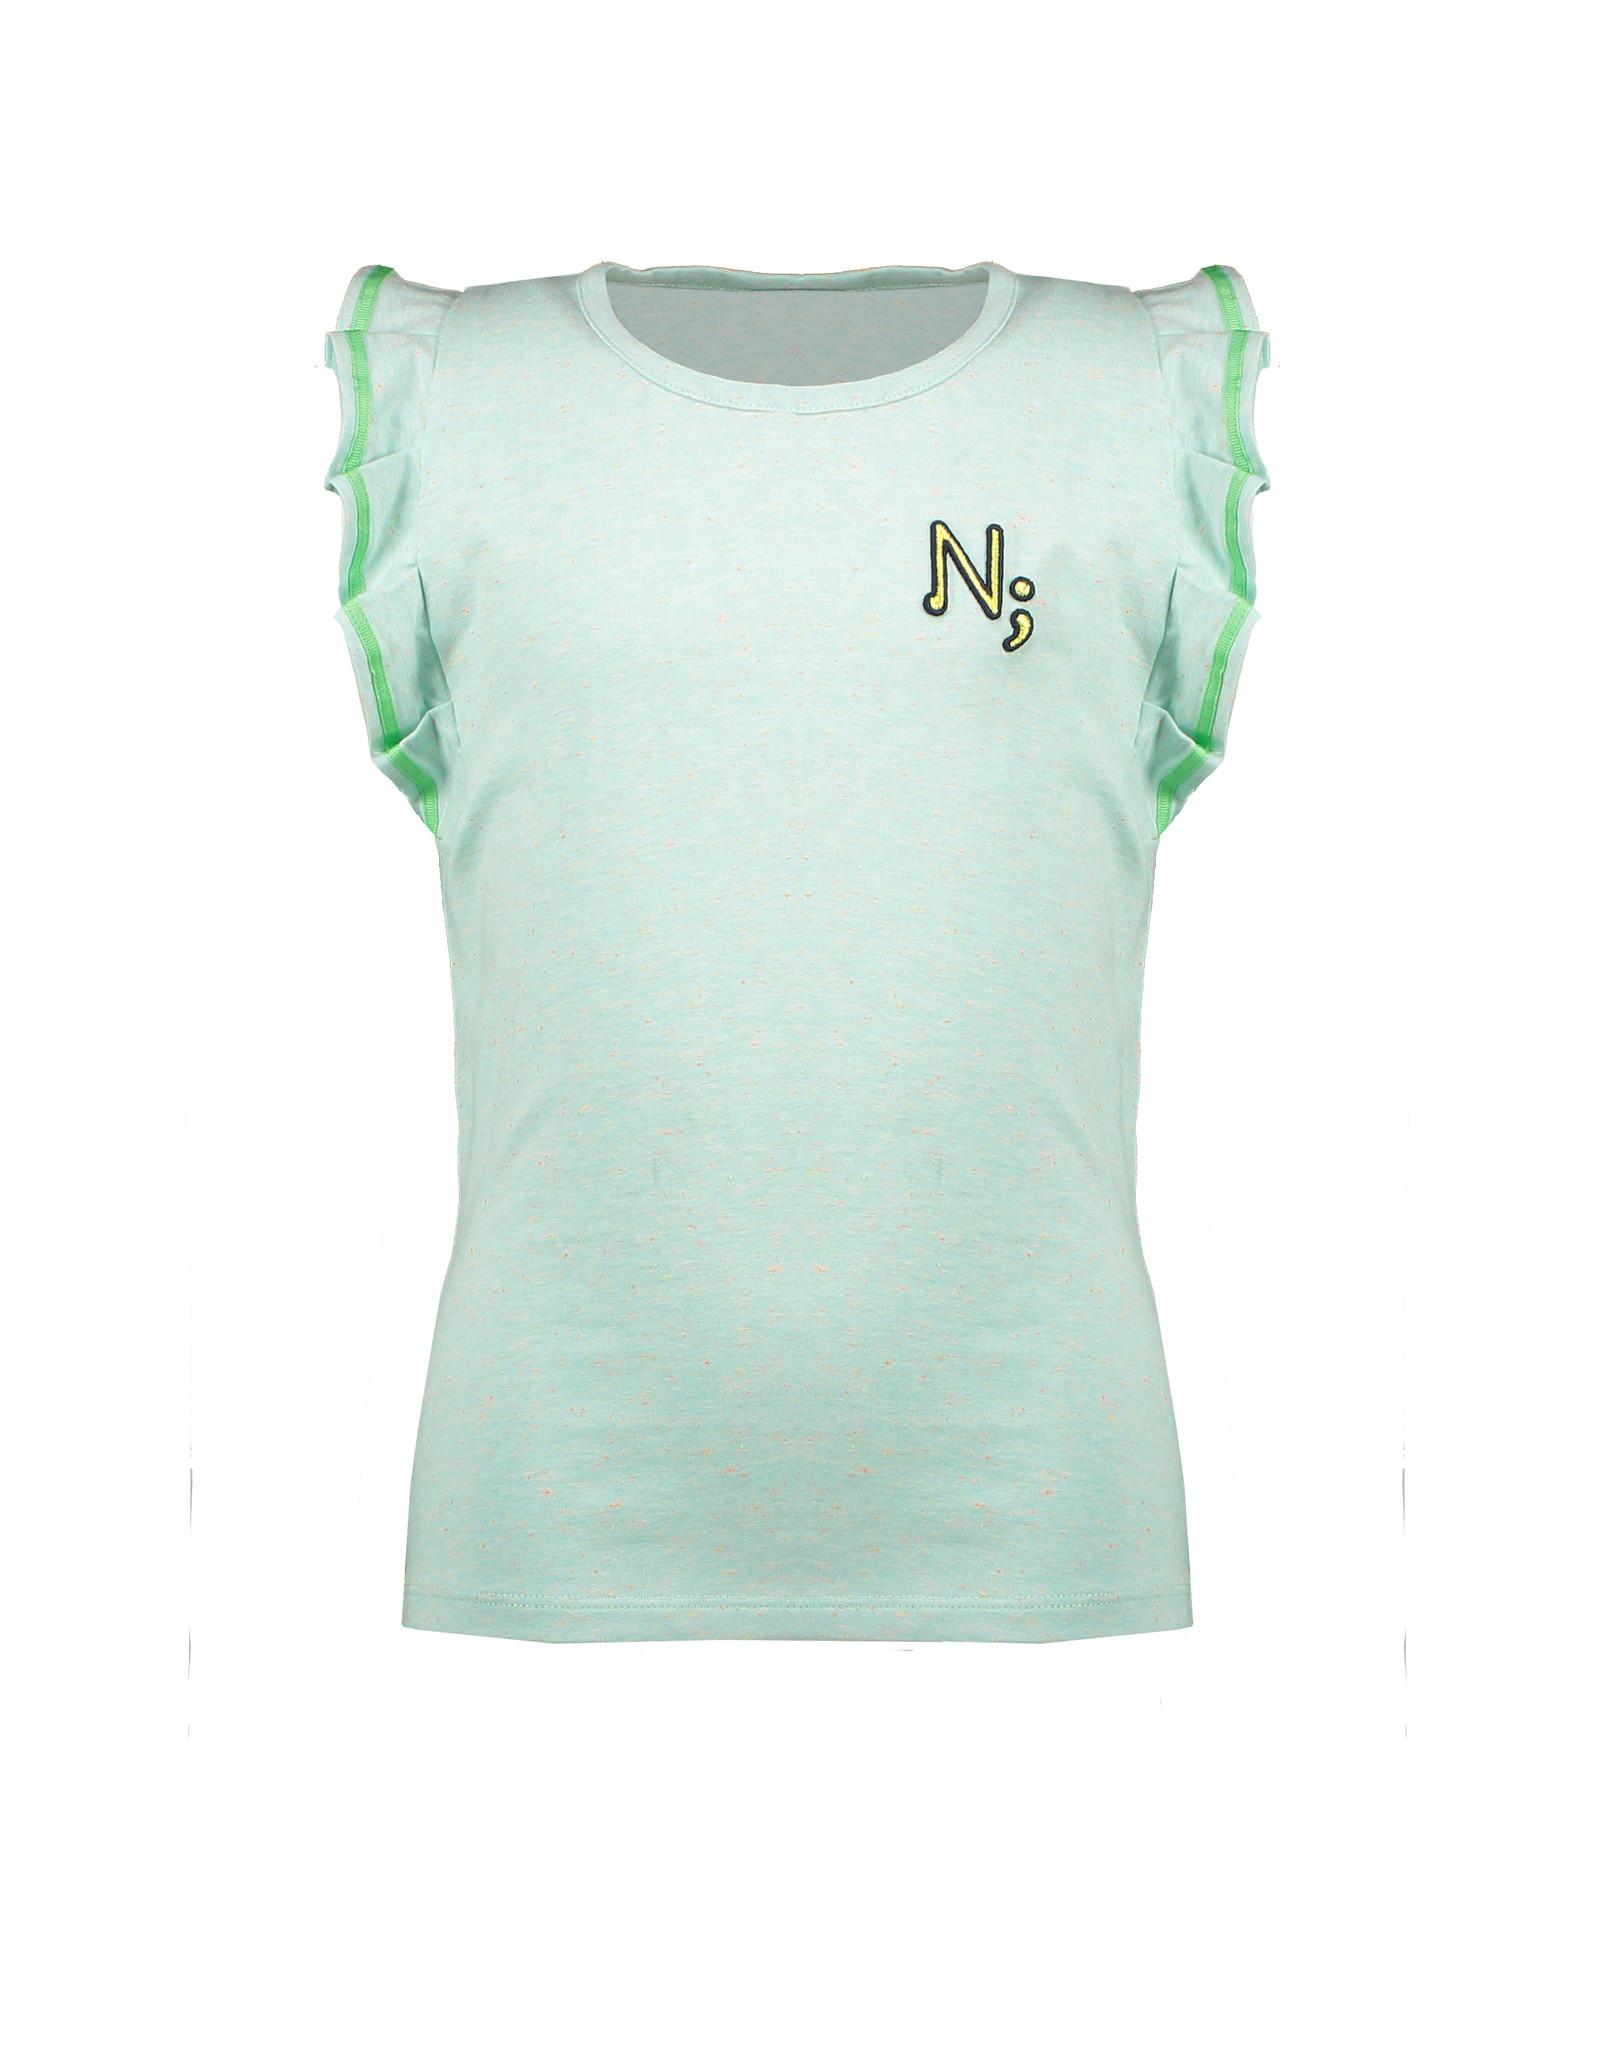 NONO NoNo Kumi Fancy Pleated Sleevees T-shirt Mint